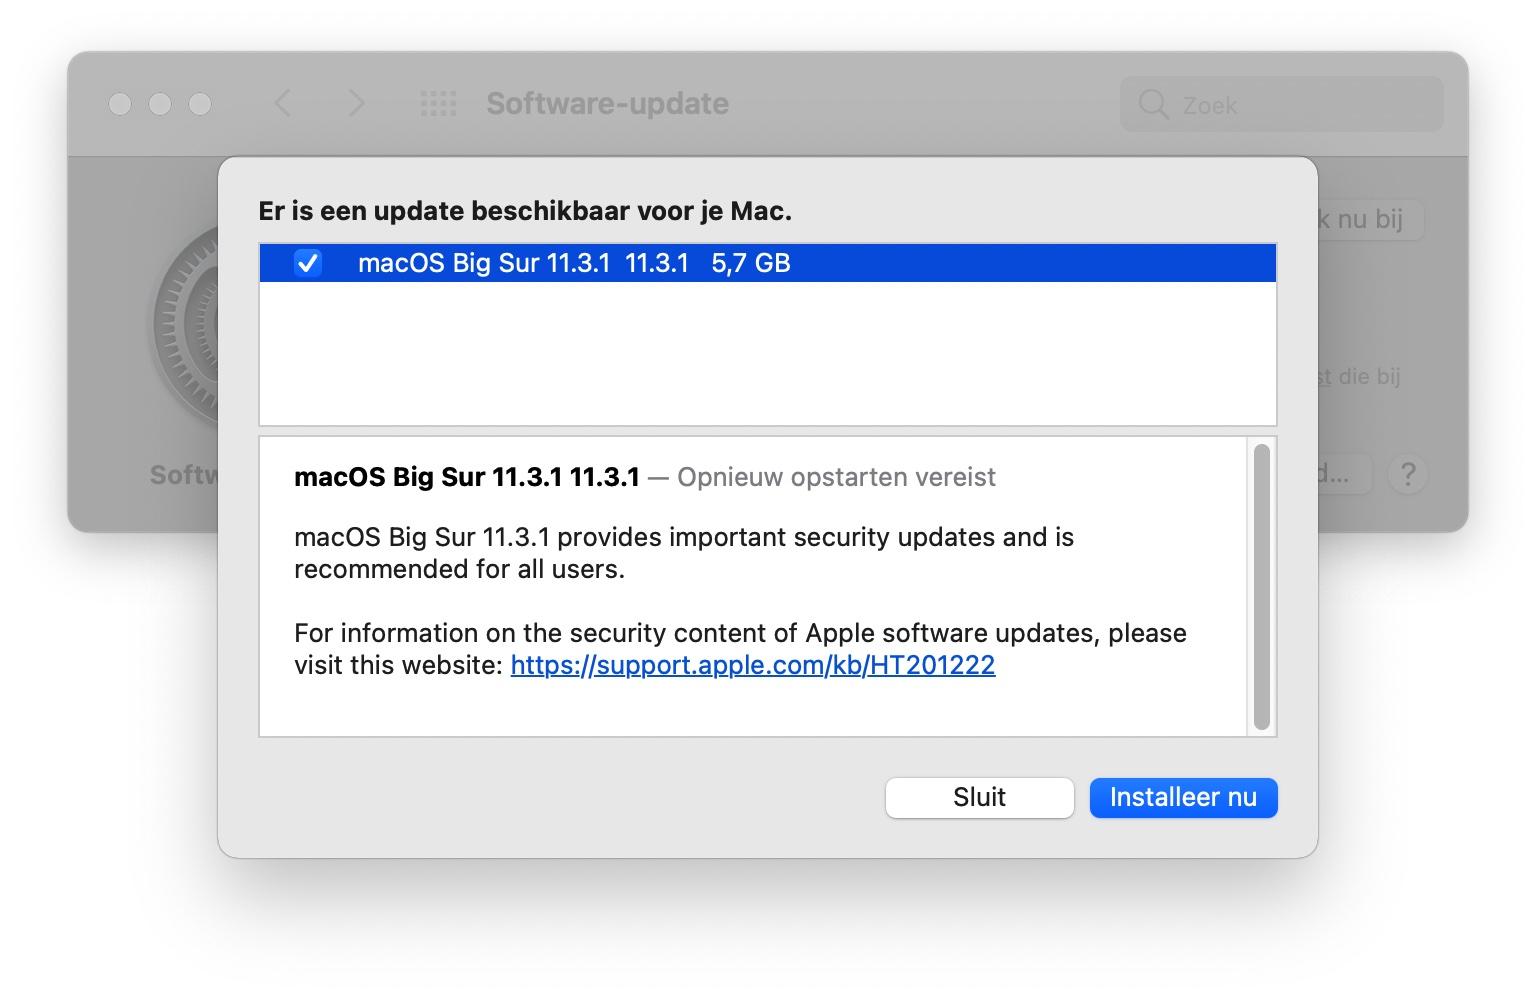 https://www.macfreak.nl/modules/news/images/zArt.macOSBigSur11.3.1ReleaseNotes.jpg